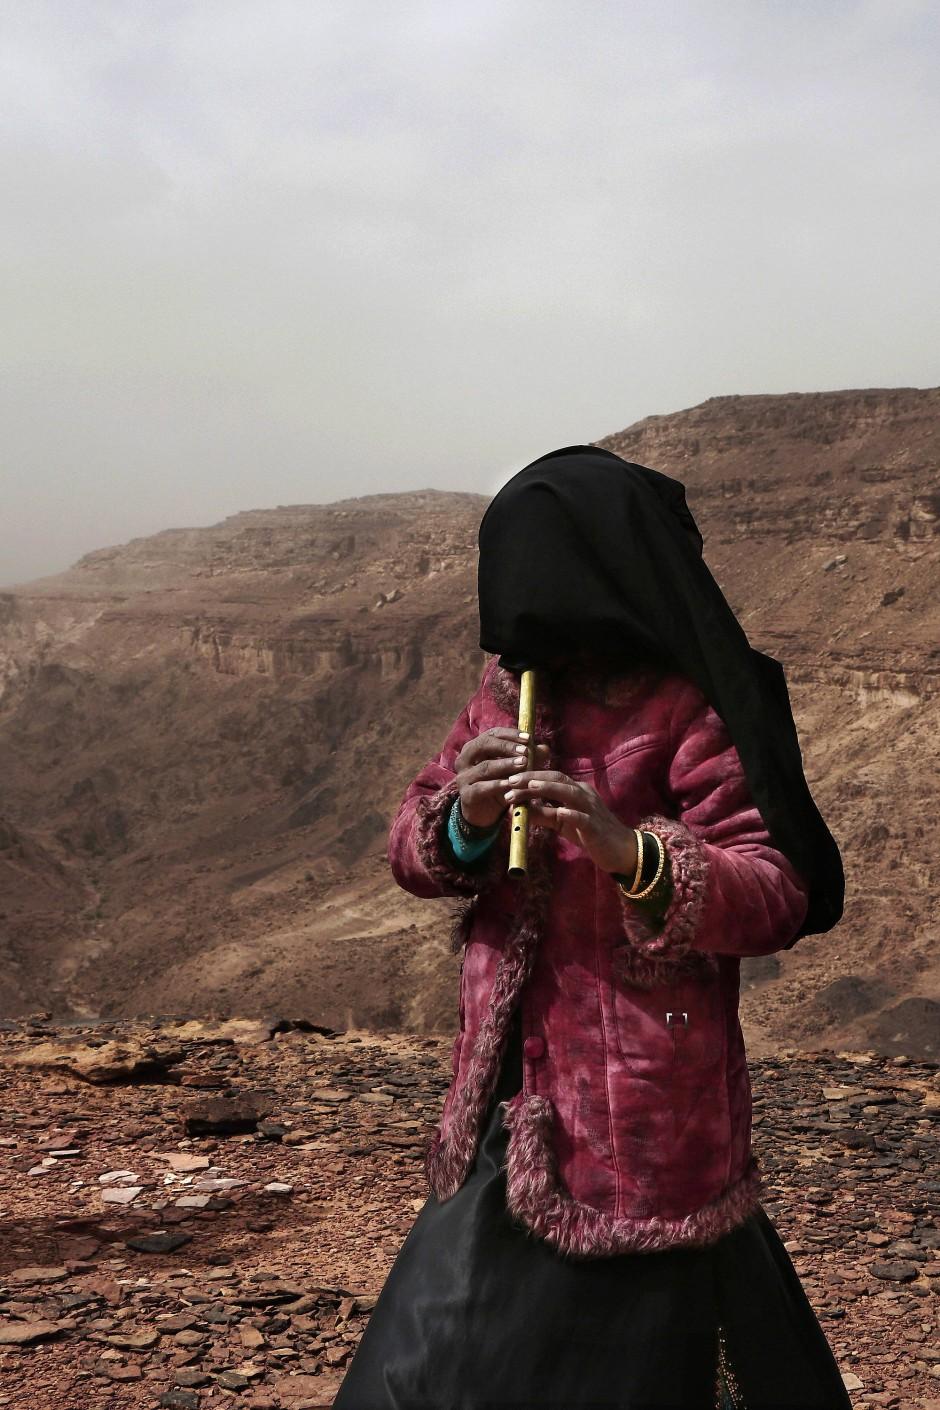 Aicha, eine weitere beduinische Wanderführerin, spielt während einer Pause den Touristinnen auf der Flöte vor. Der Gesichtsschleier schützt auch vor fliegendem Sand und Staub.